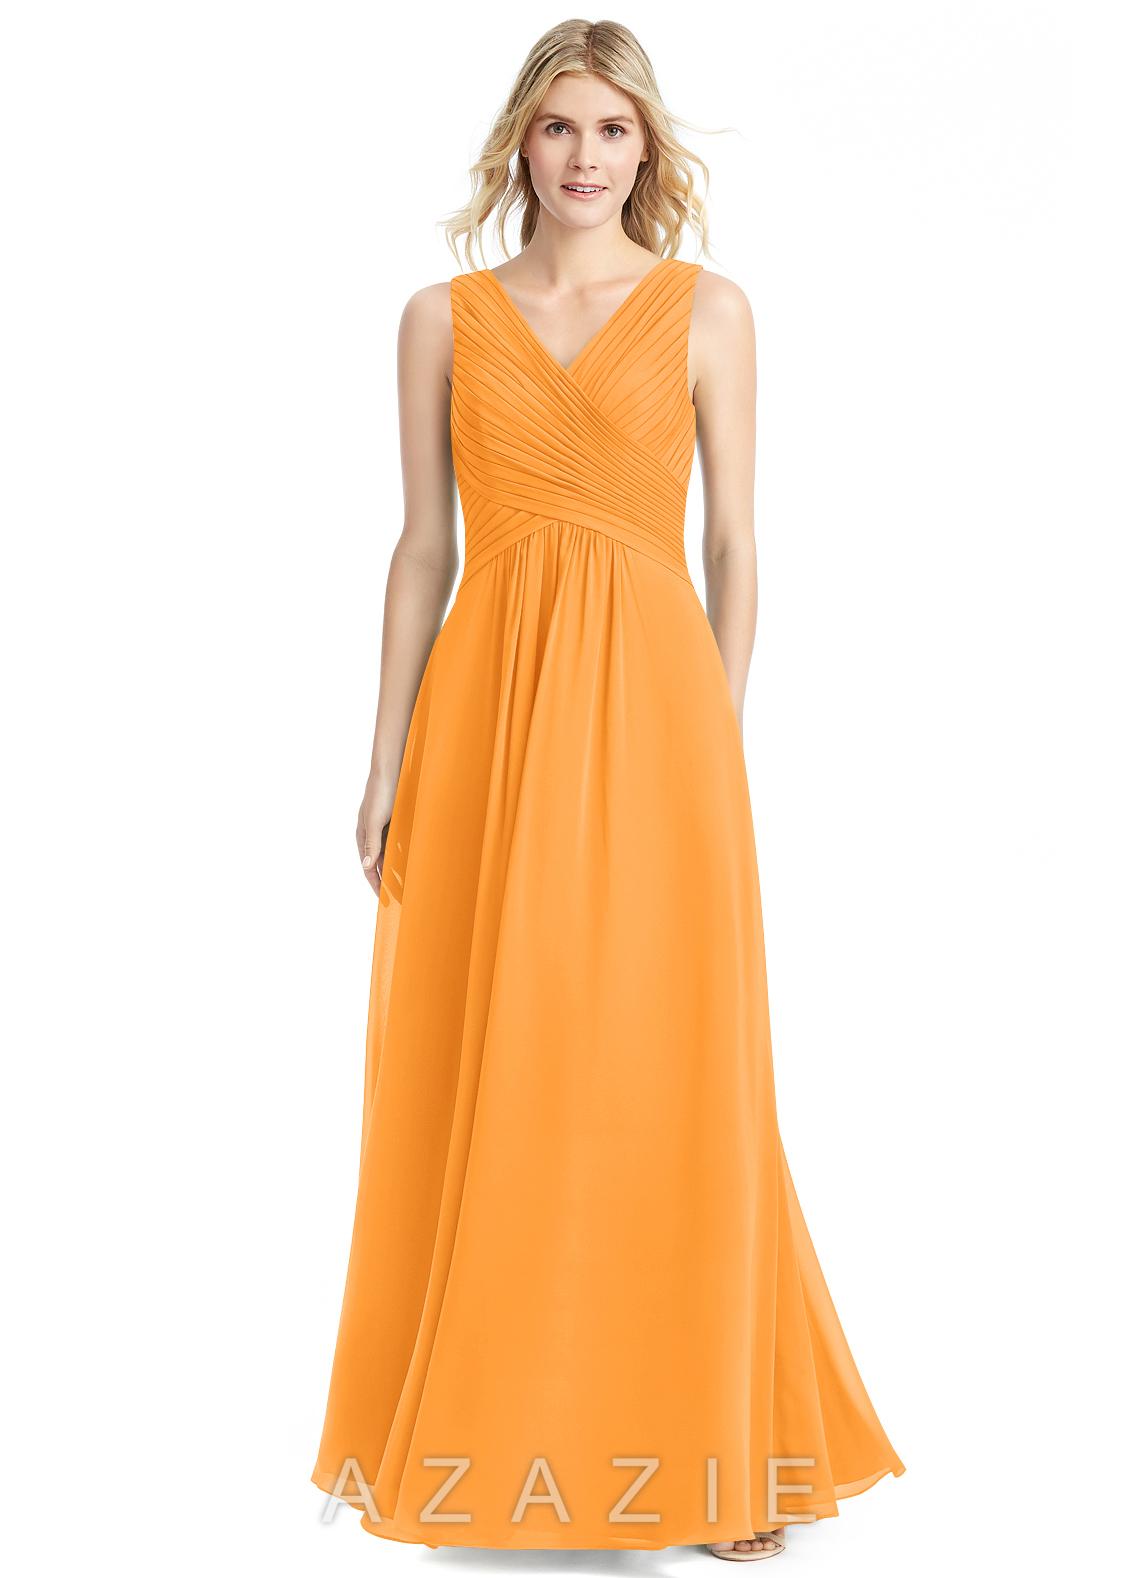 Azazie Flora Bridesmaid Dress | Azazie